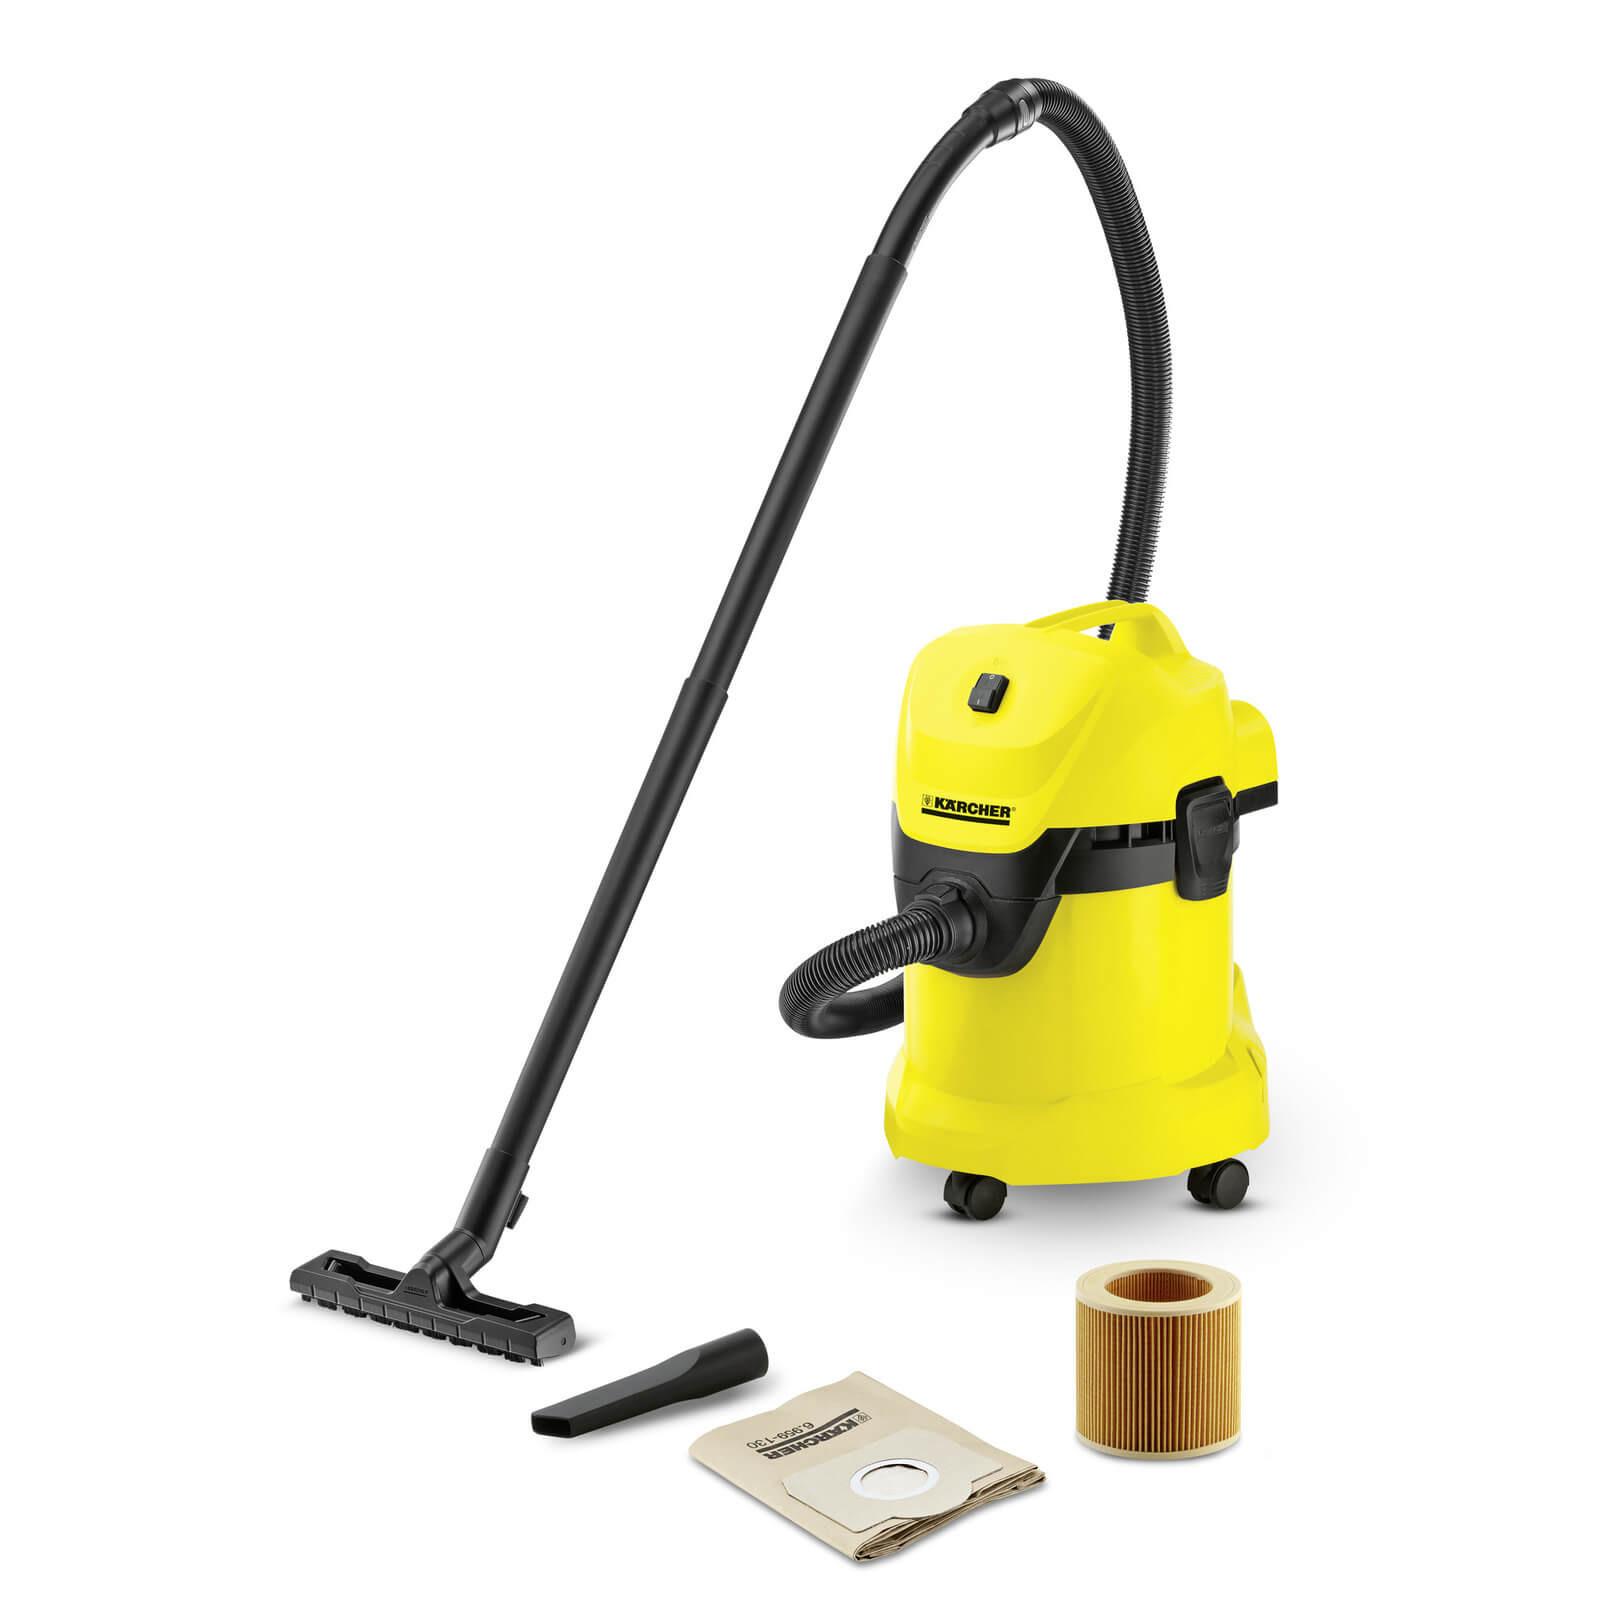 KARCHER Multi Purpose Vacuum Cleaner- WD 3